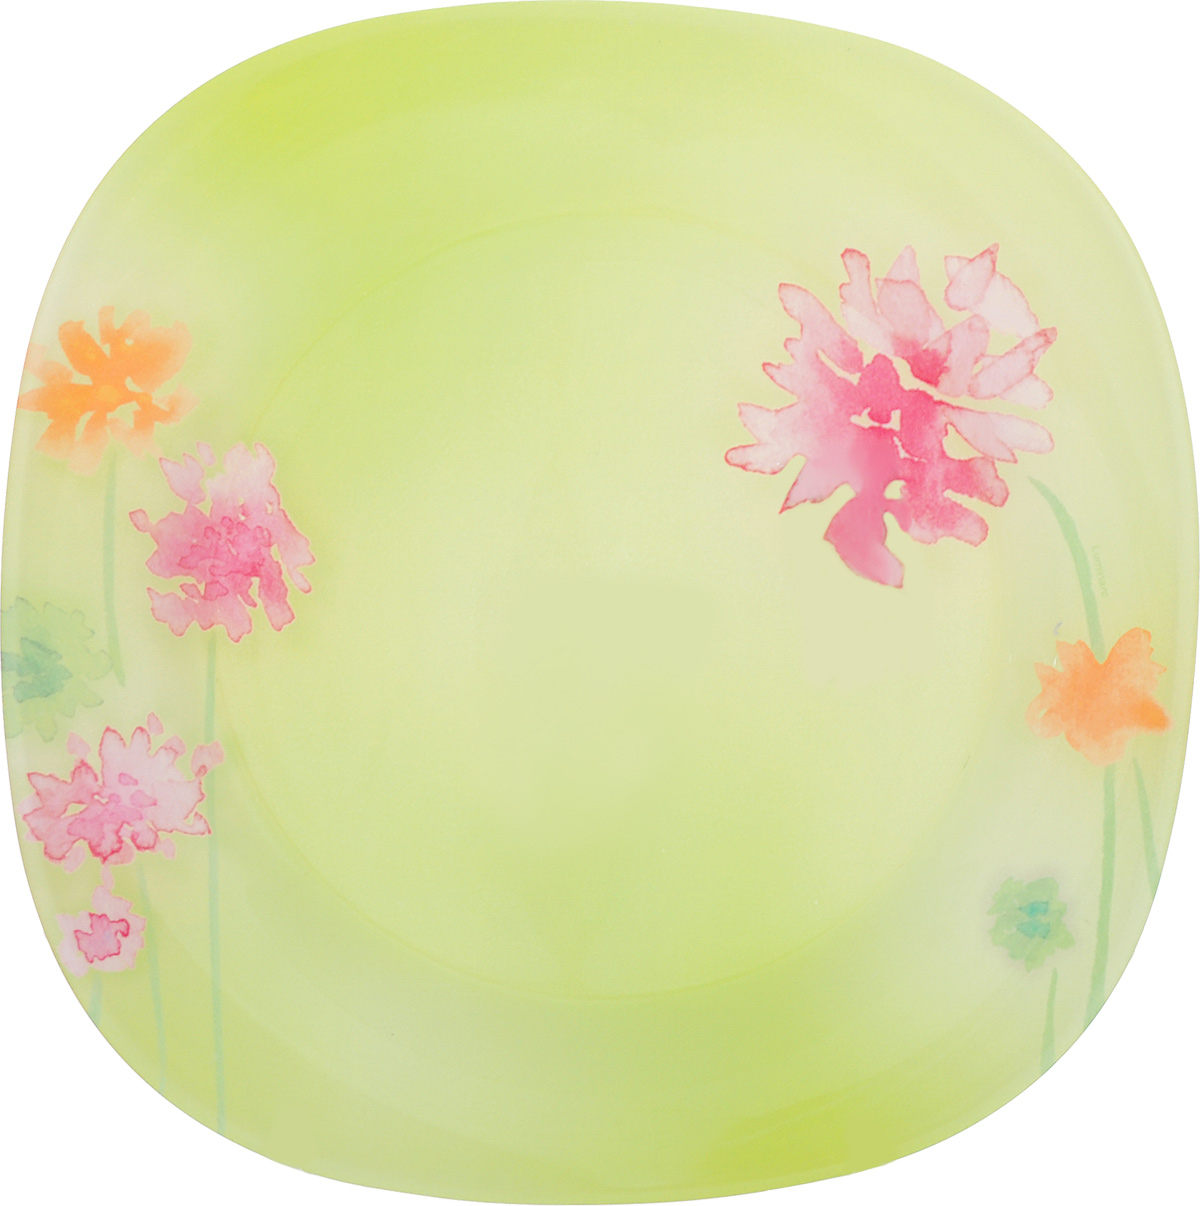 Тарелка обеденная Luminarc Angel Green, 25 см х 25 смJ1752Обеденная тарелка Luminarc Angel Green, изготовленная из высококачественного стекла,декорирована оригинальным цветочным рисунком. Яркий дизайн придется по вкусу и ценителямклассики,и тем, кто предпочитает утонченность и изысканность. Тарелка Luminarc Angel Green идеально подойдет для сервировкистола и станет отличным подарком к любому празднику.Размер тарелки: 25 см х 25 см.